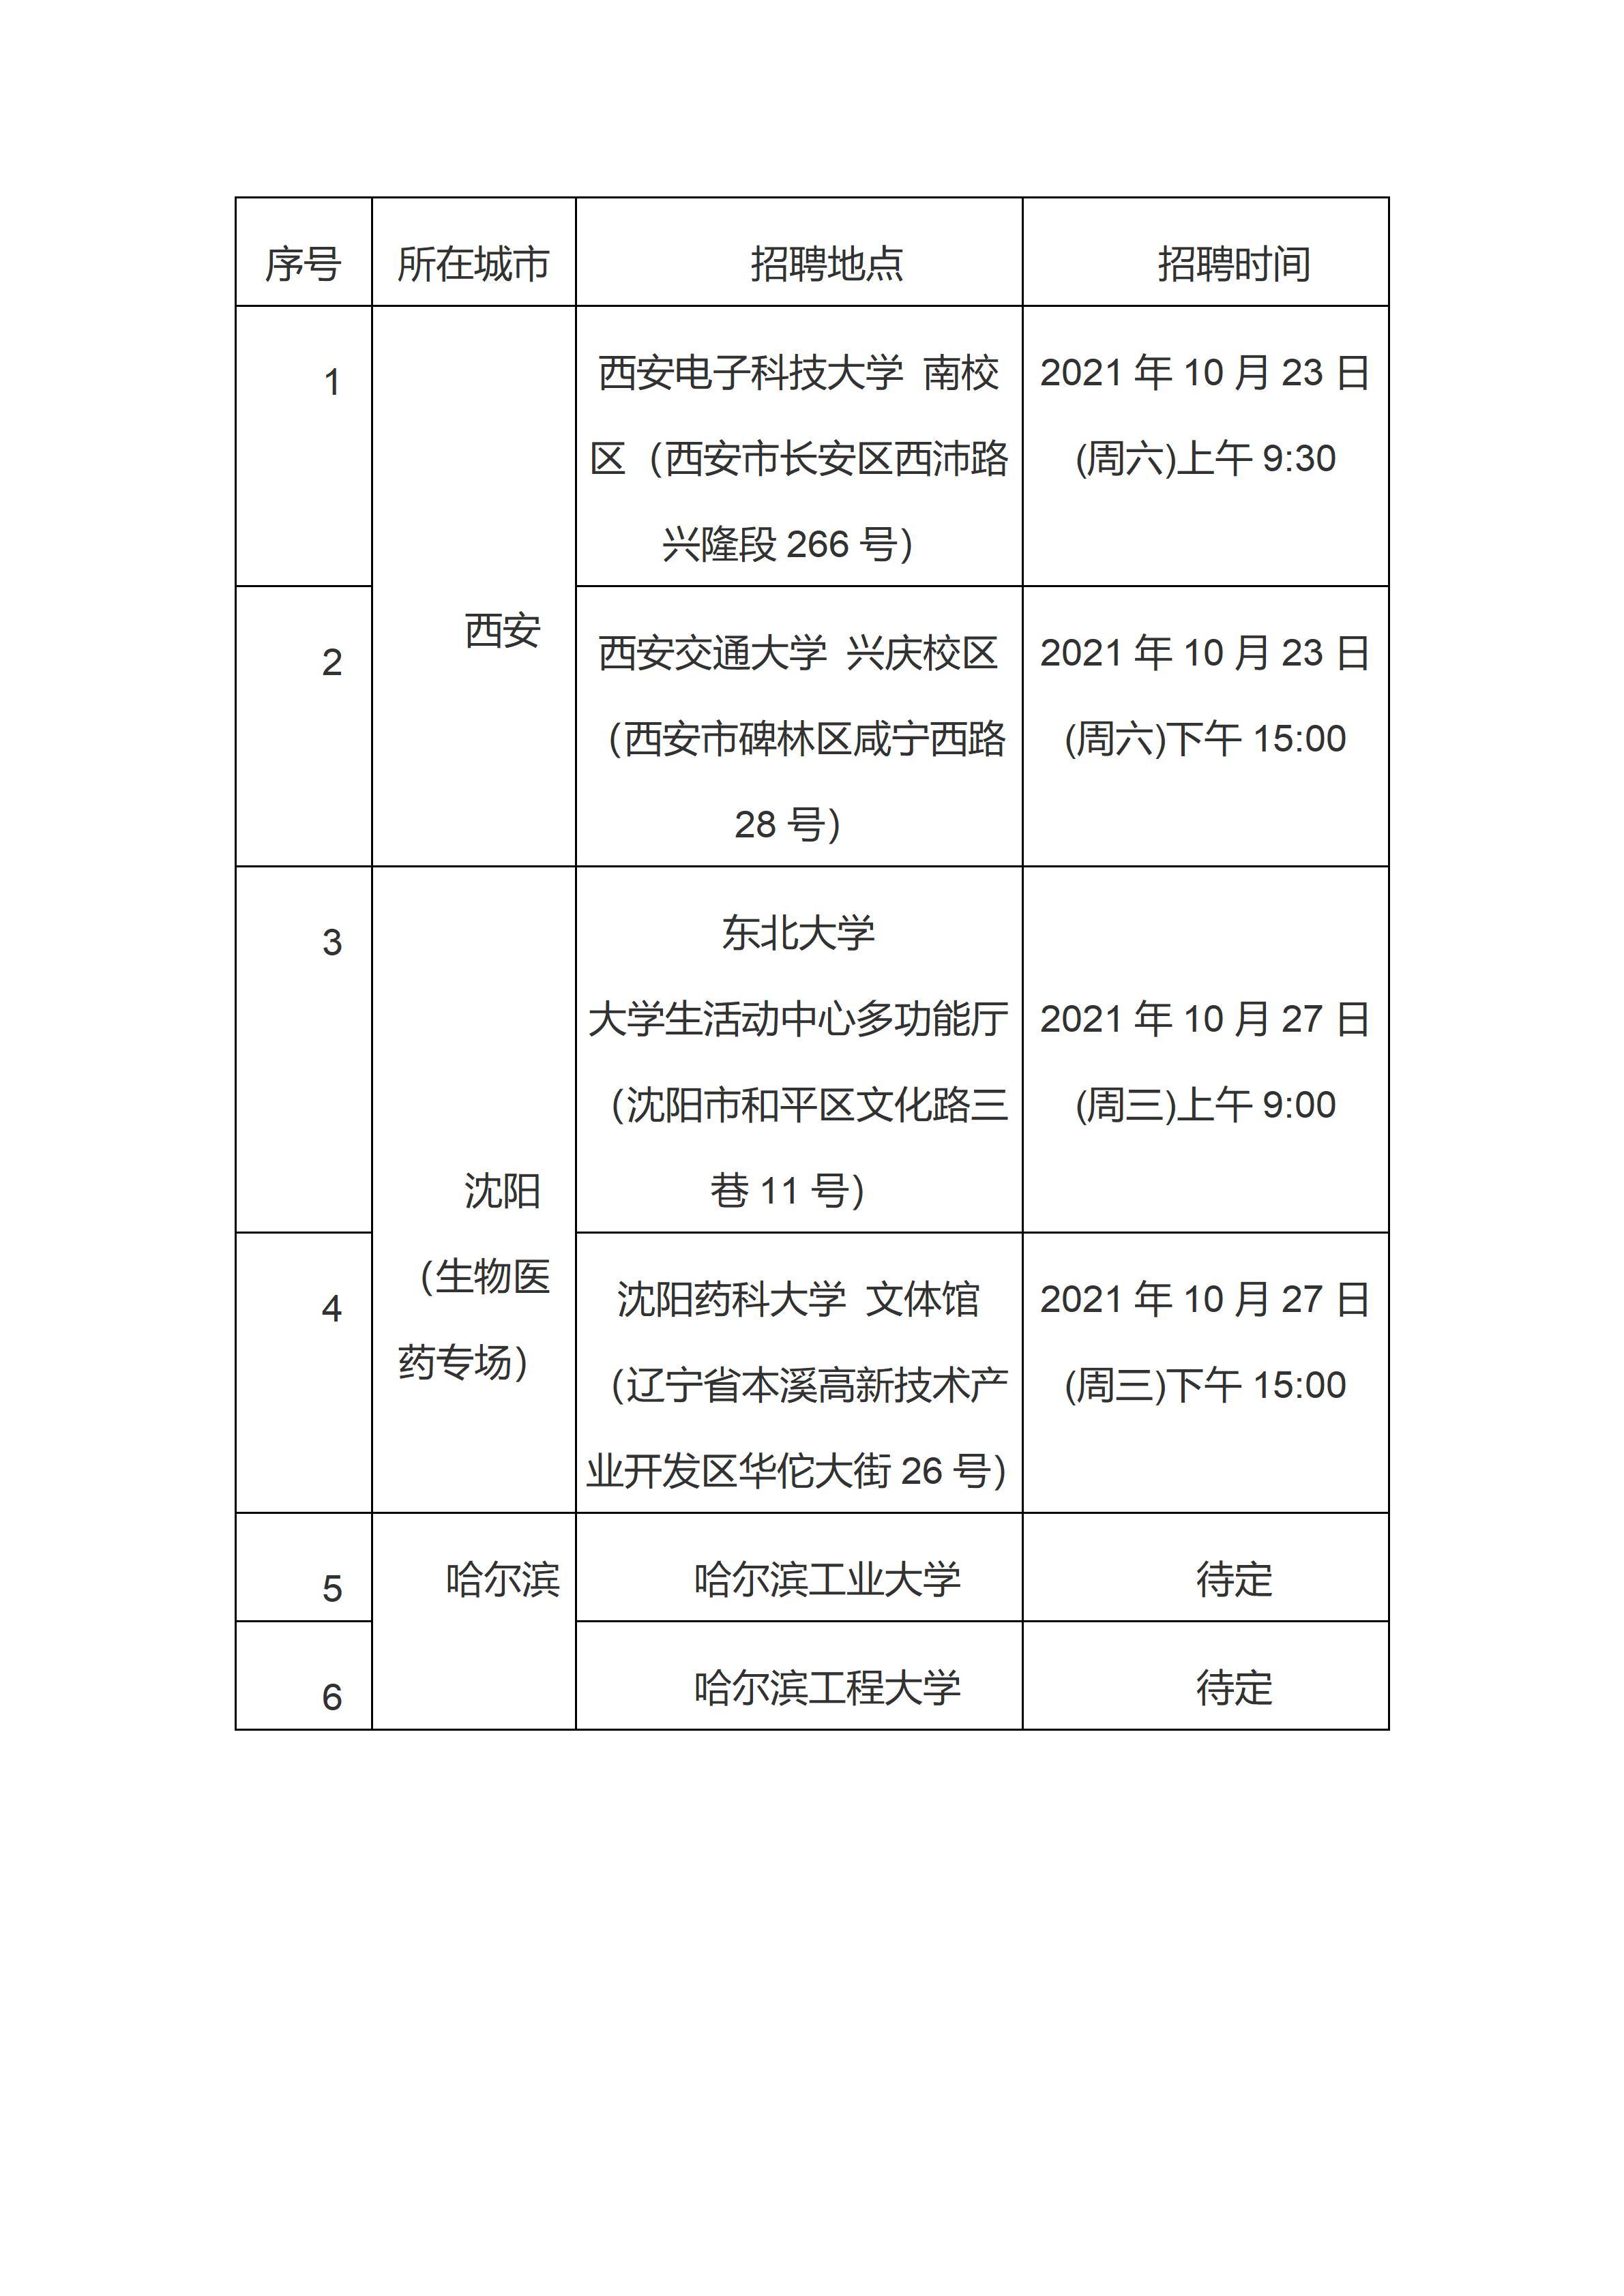 """东湖高新区关于征集优质企业参与2021年""""才聚光谷""""赴外专场招聘会的通知"""